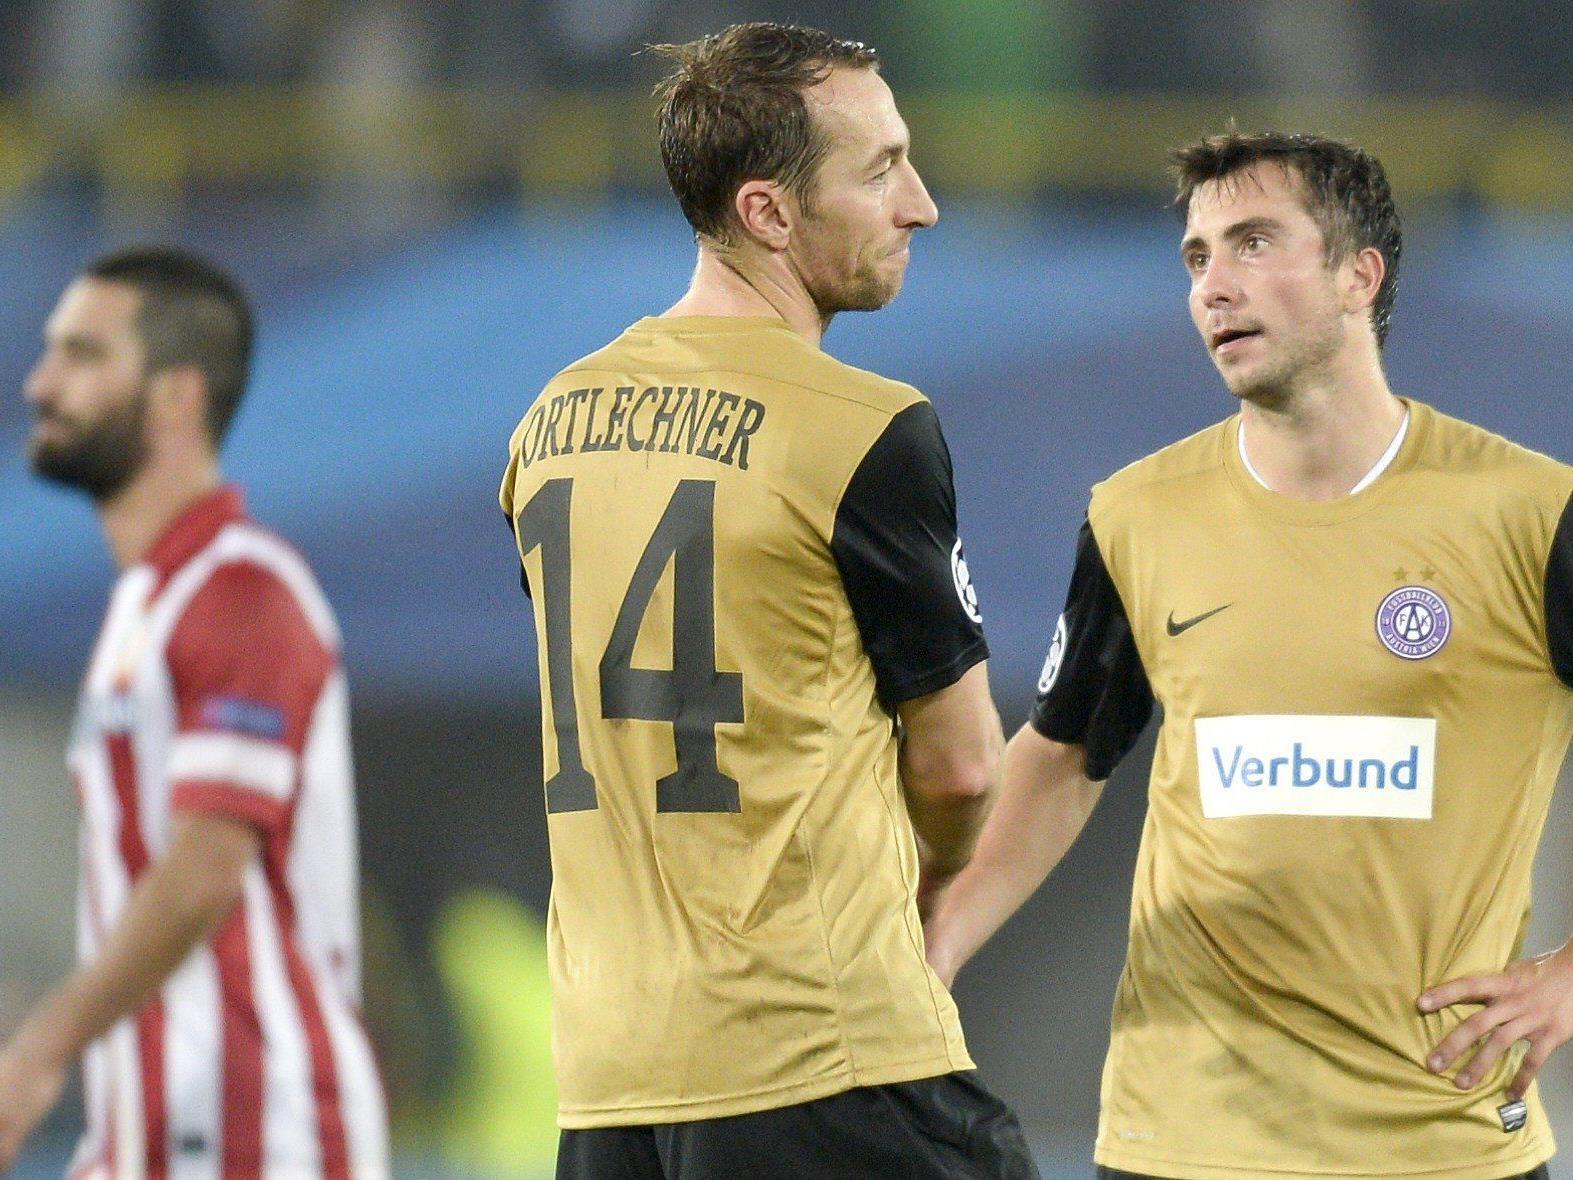 Markus Suttner übernimmt das Amt des Kapitäns bei der Austria Wien.